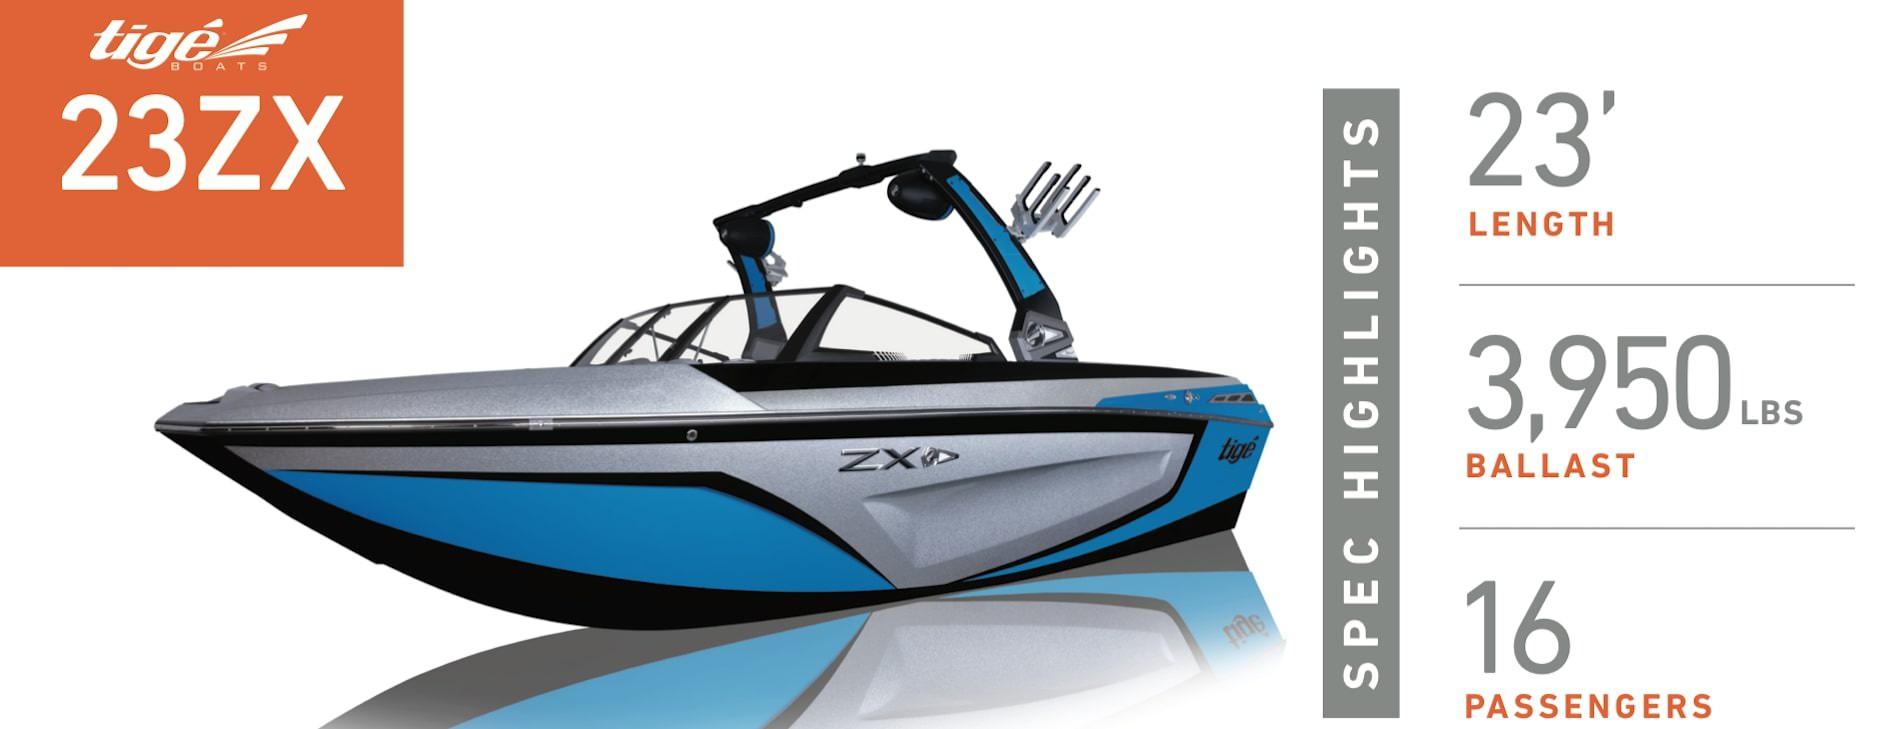 Tige 23ZX Profile view